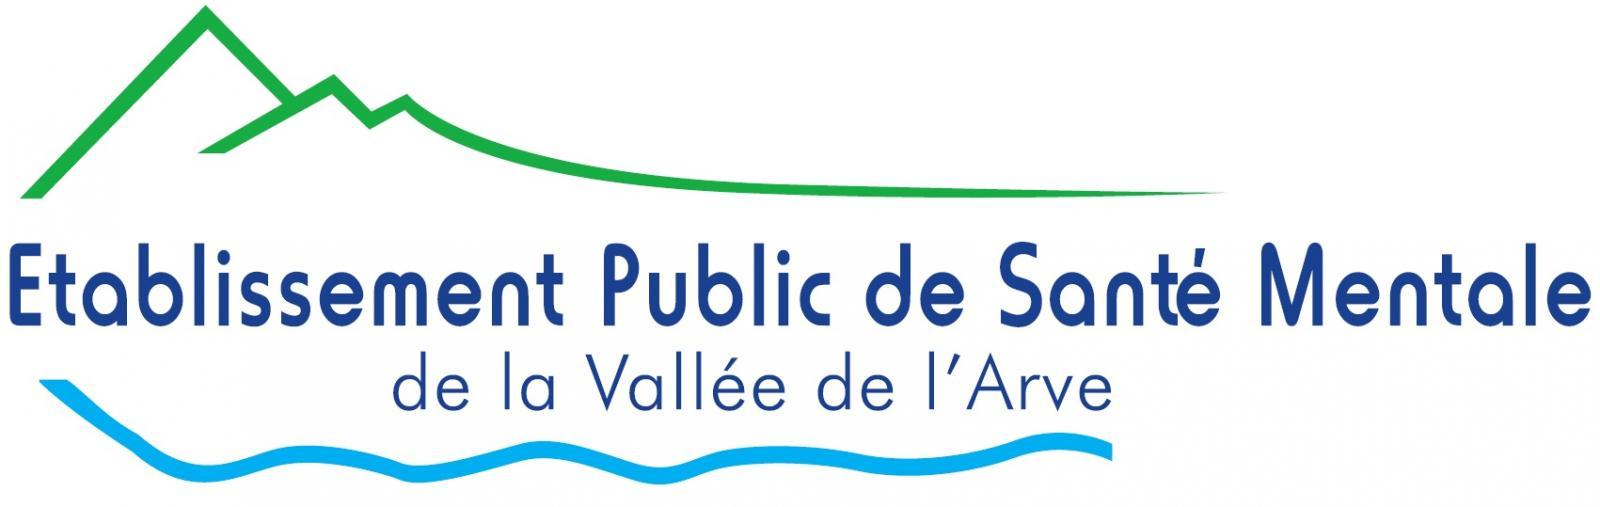 L'EPSM de la Vallée de l'Arve recrute un Cadre de Santé